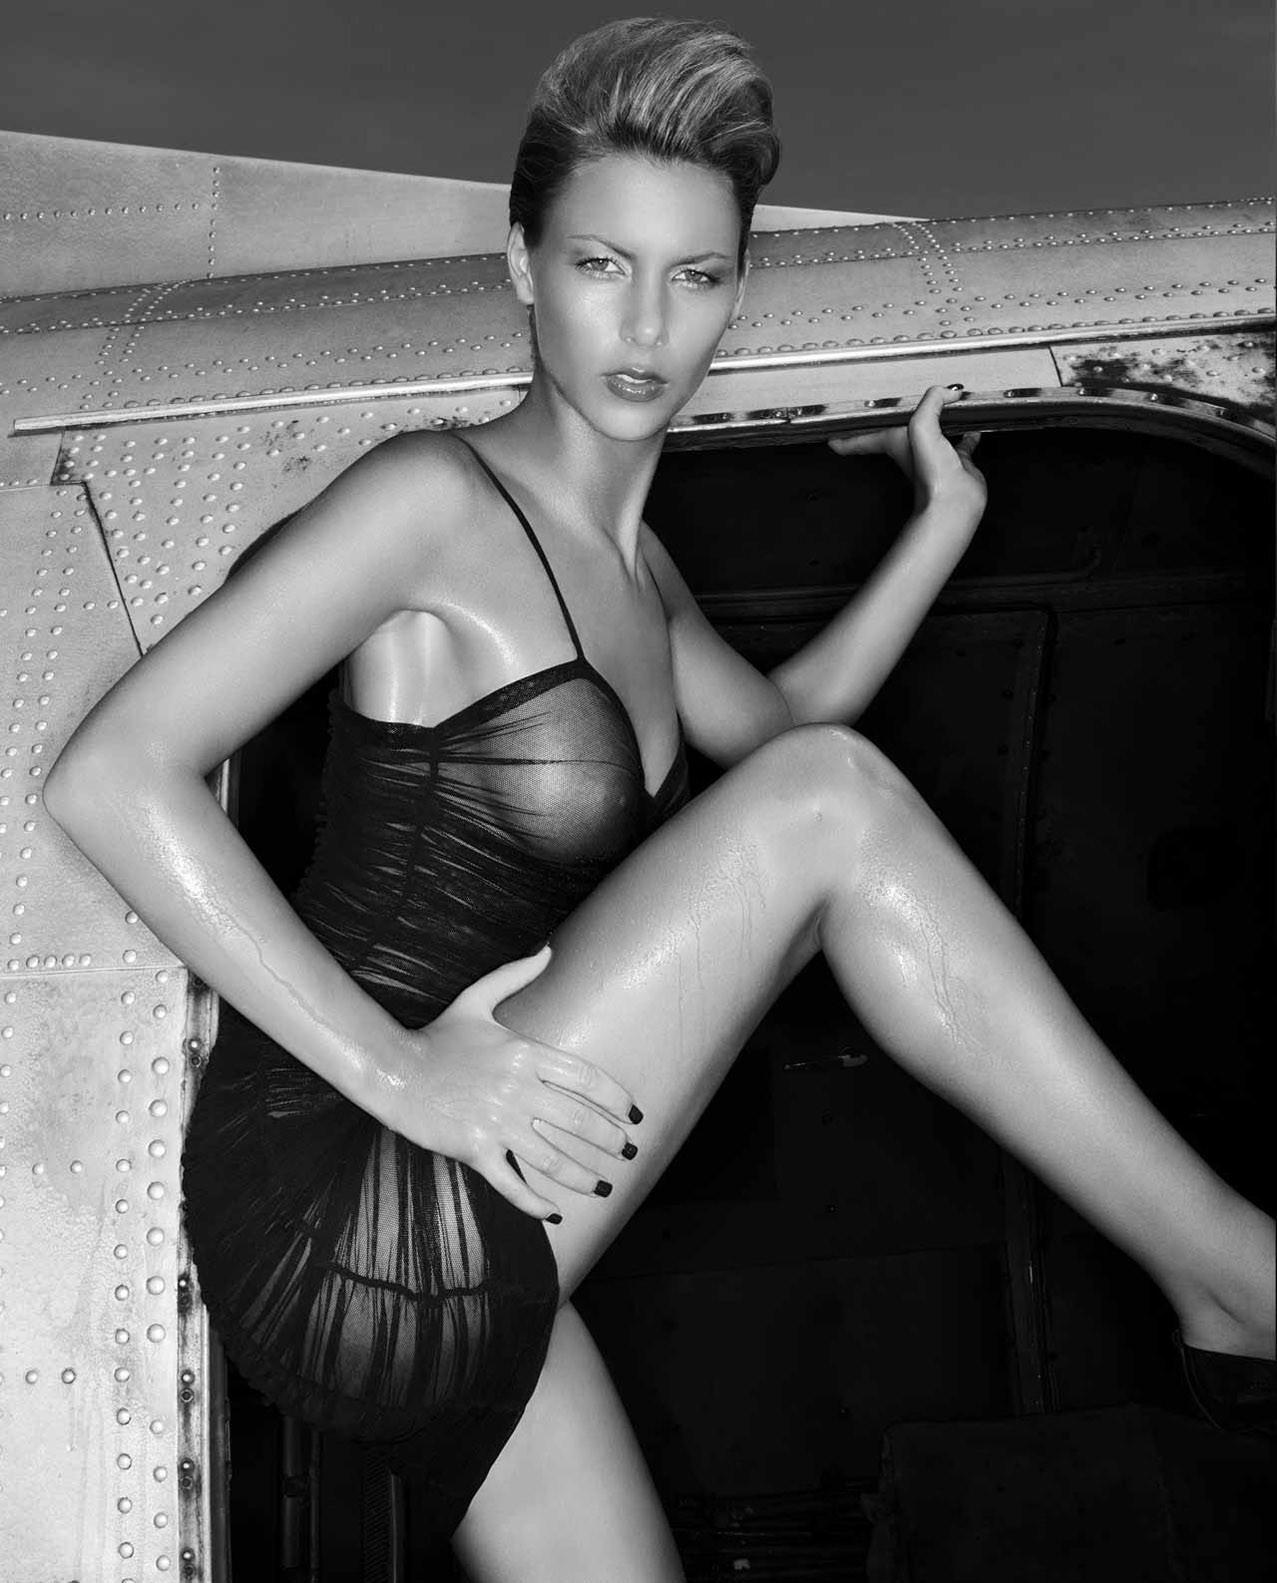 Berner Group erotic calendar 2013 - No Limits